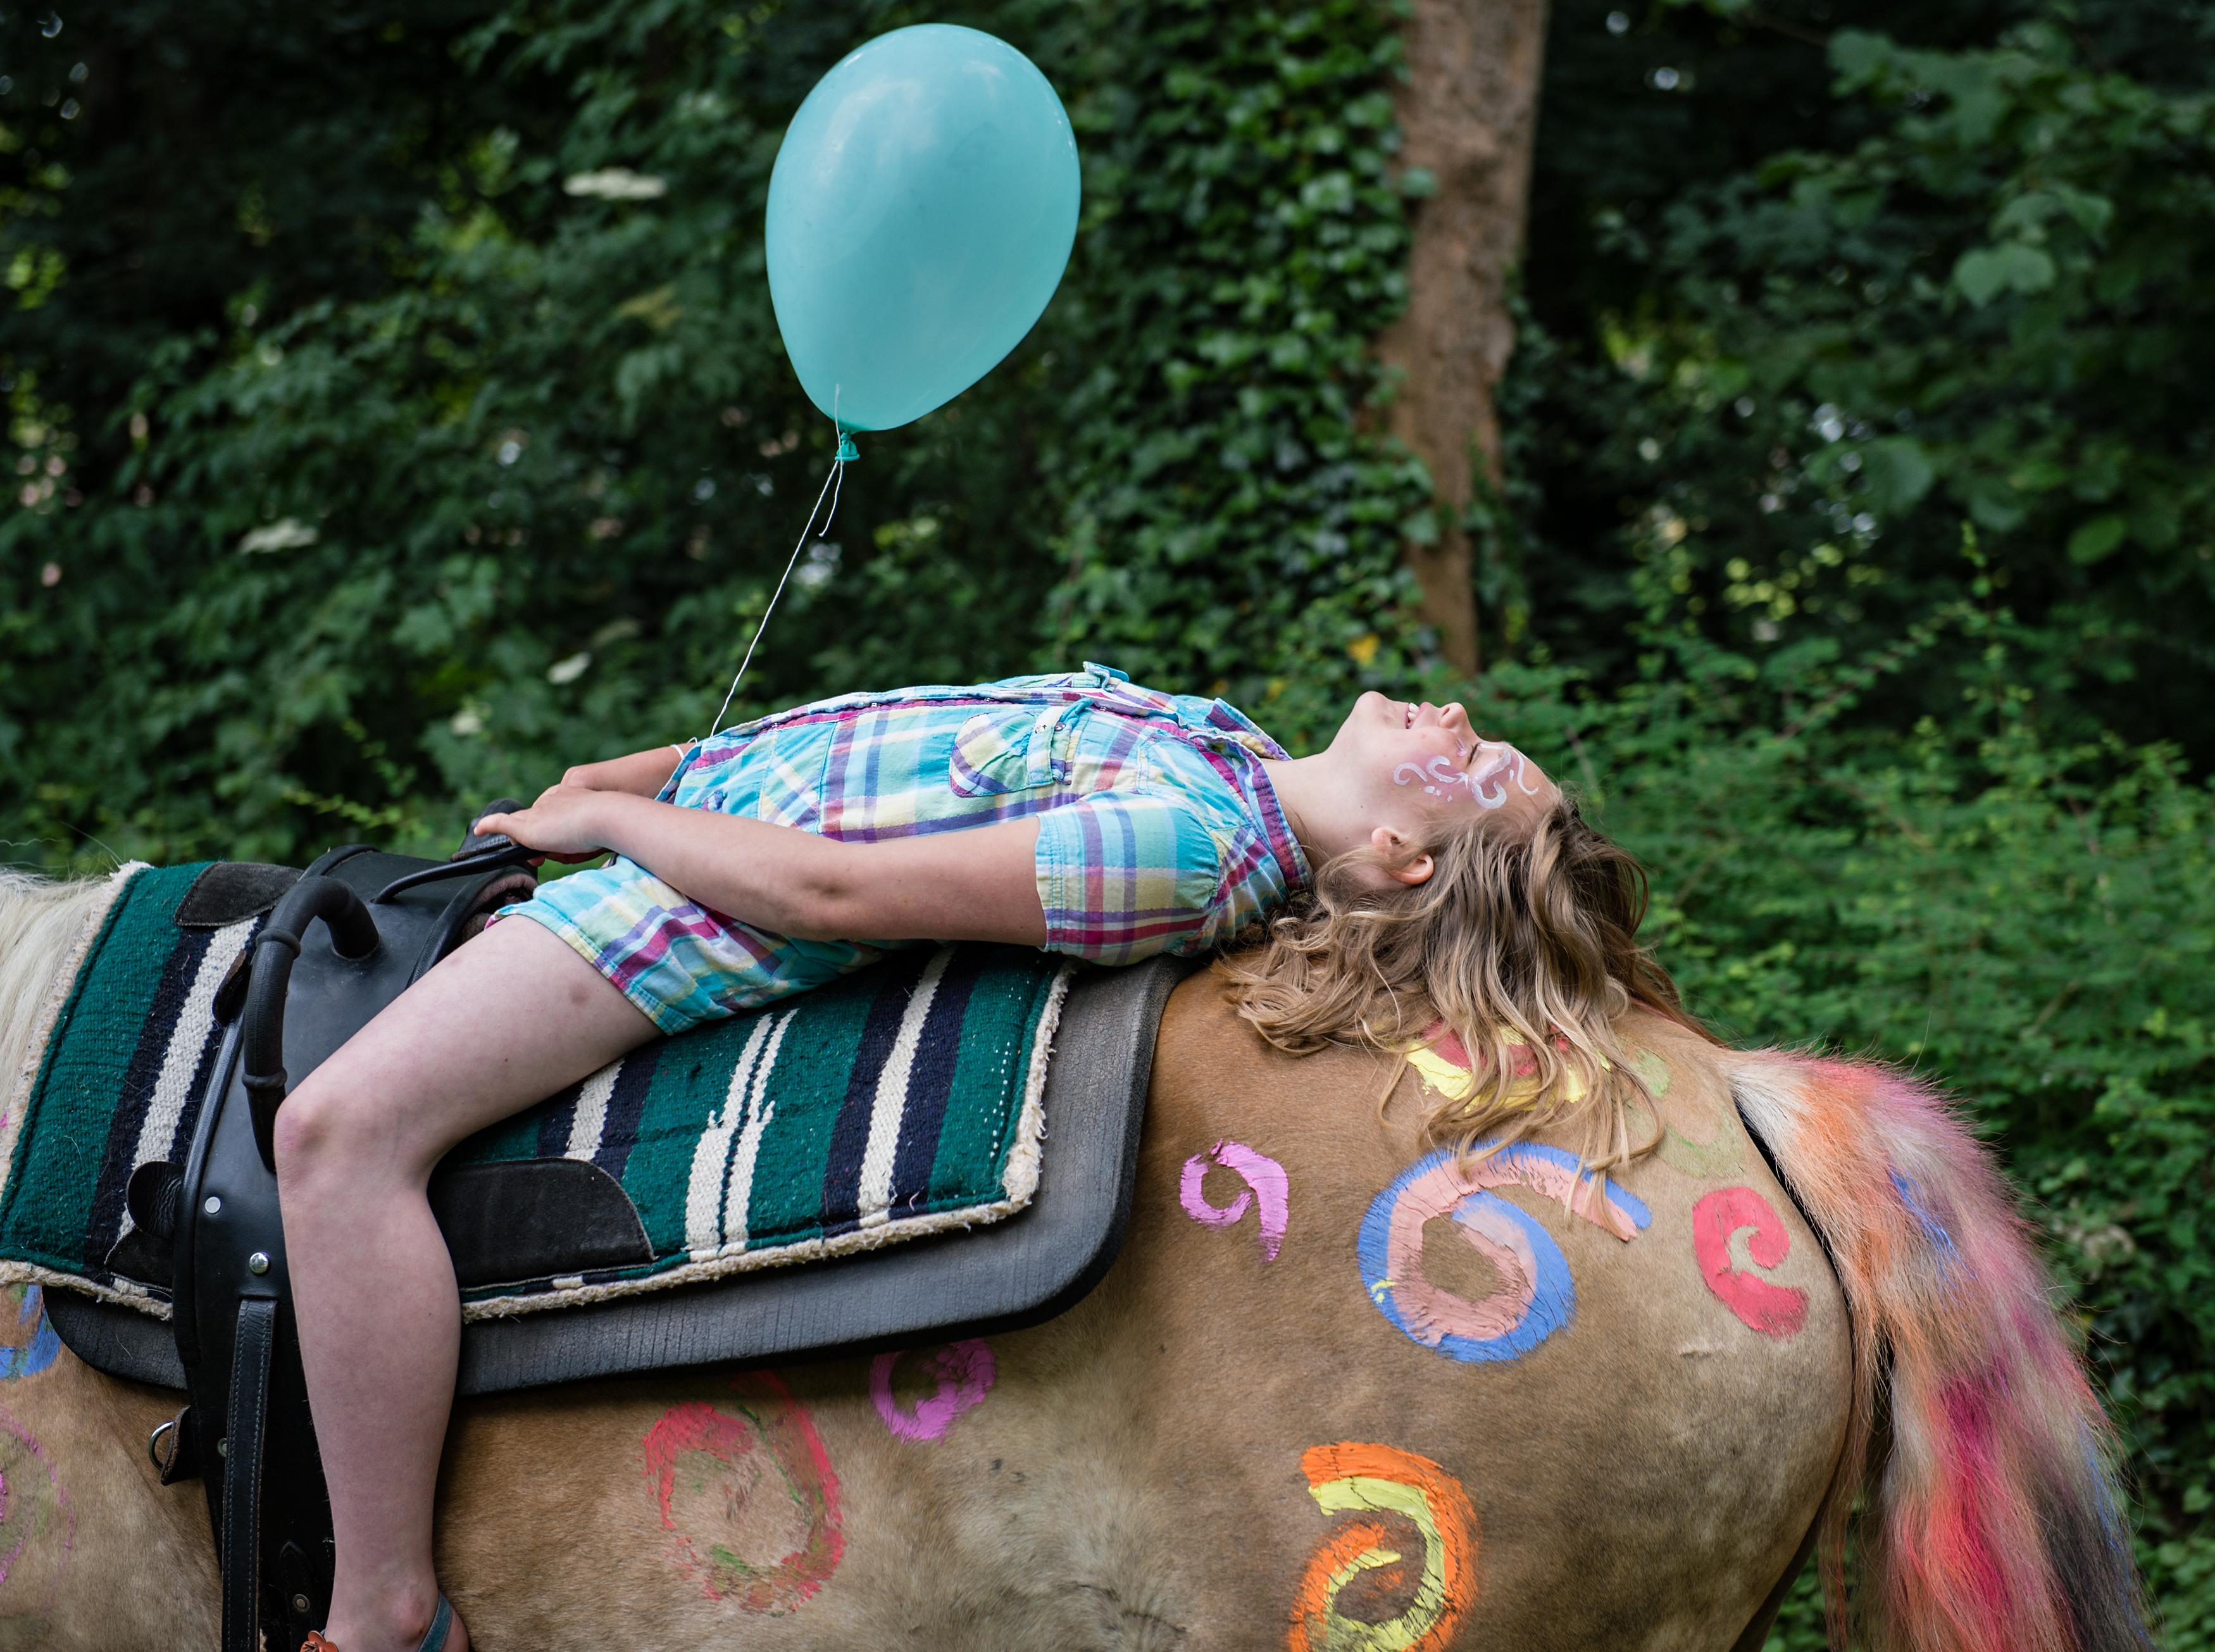 Ein Kind liegt auf einem Pferd und hat einen Luftballon in der Hand